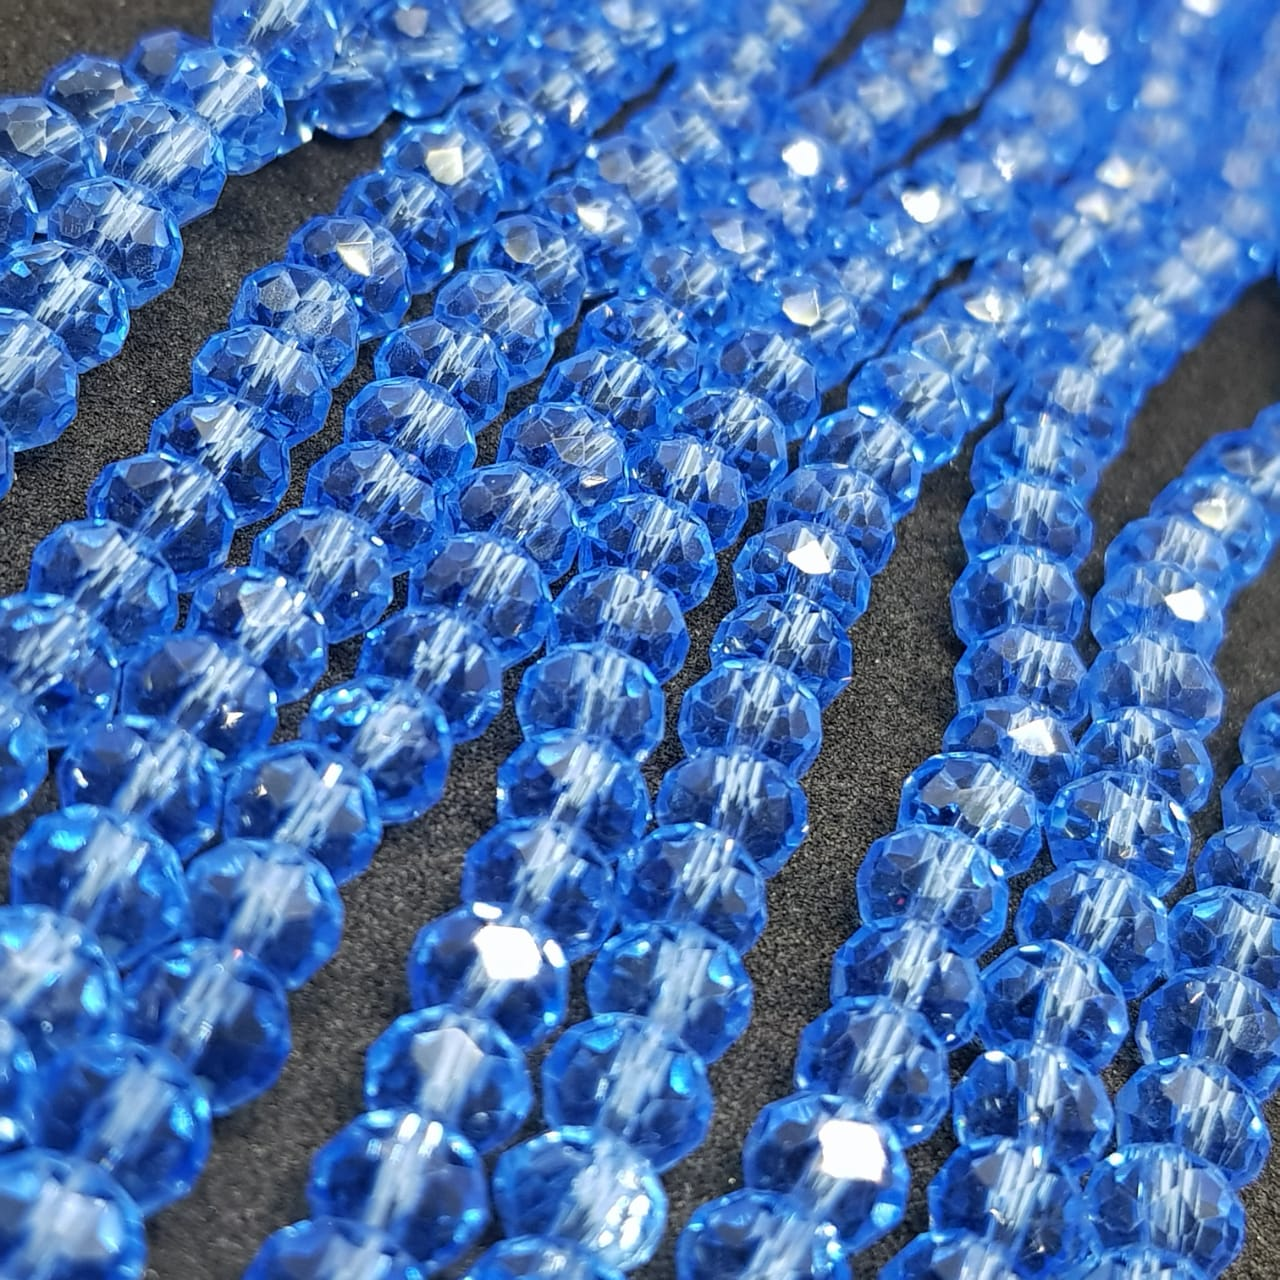 Fio de cristal chinês azul escuro  6mm lustroso